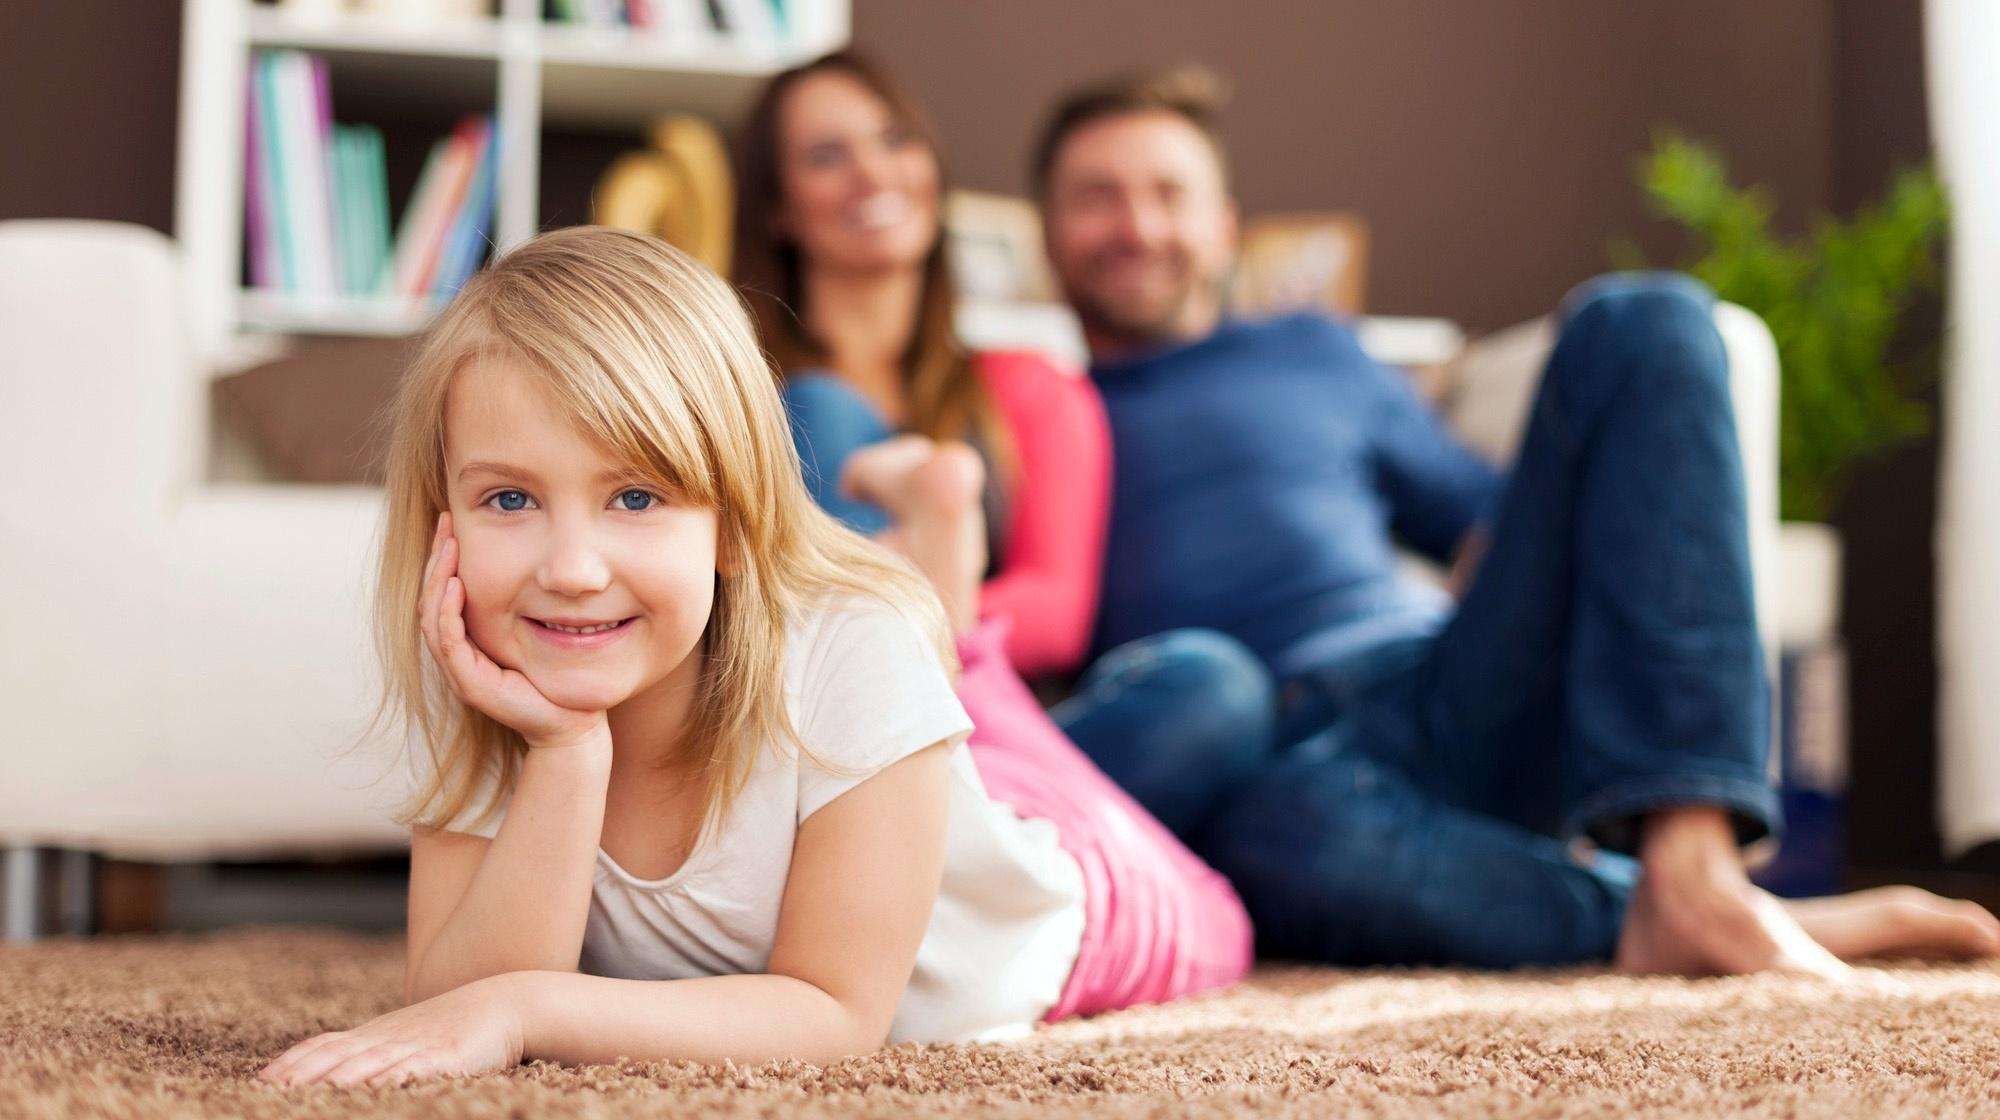 13 Lucruri Pe Care Să Nu Le Faci Pentru A Crește Un Copil Puternic Mental